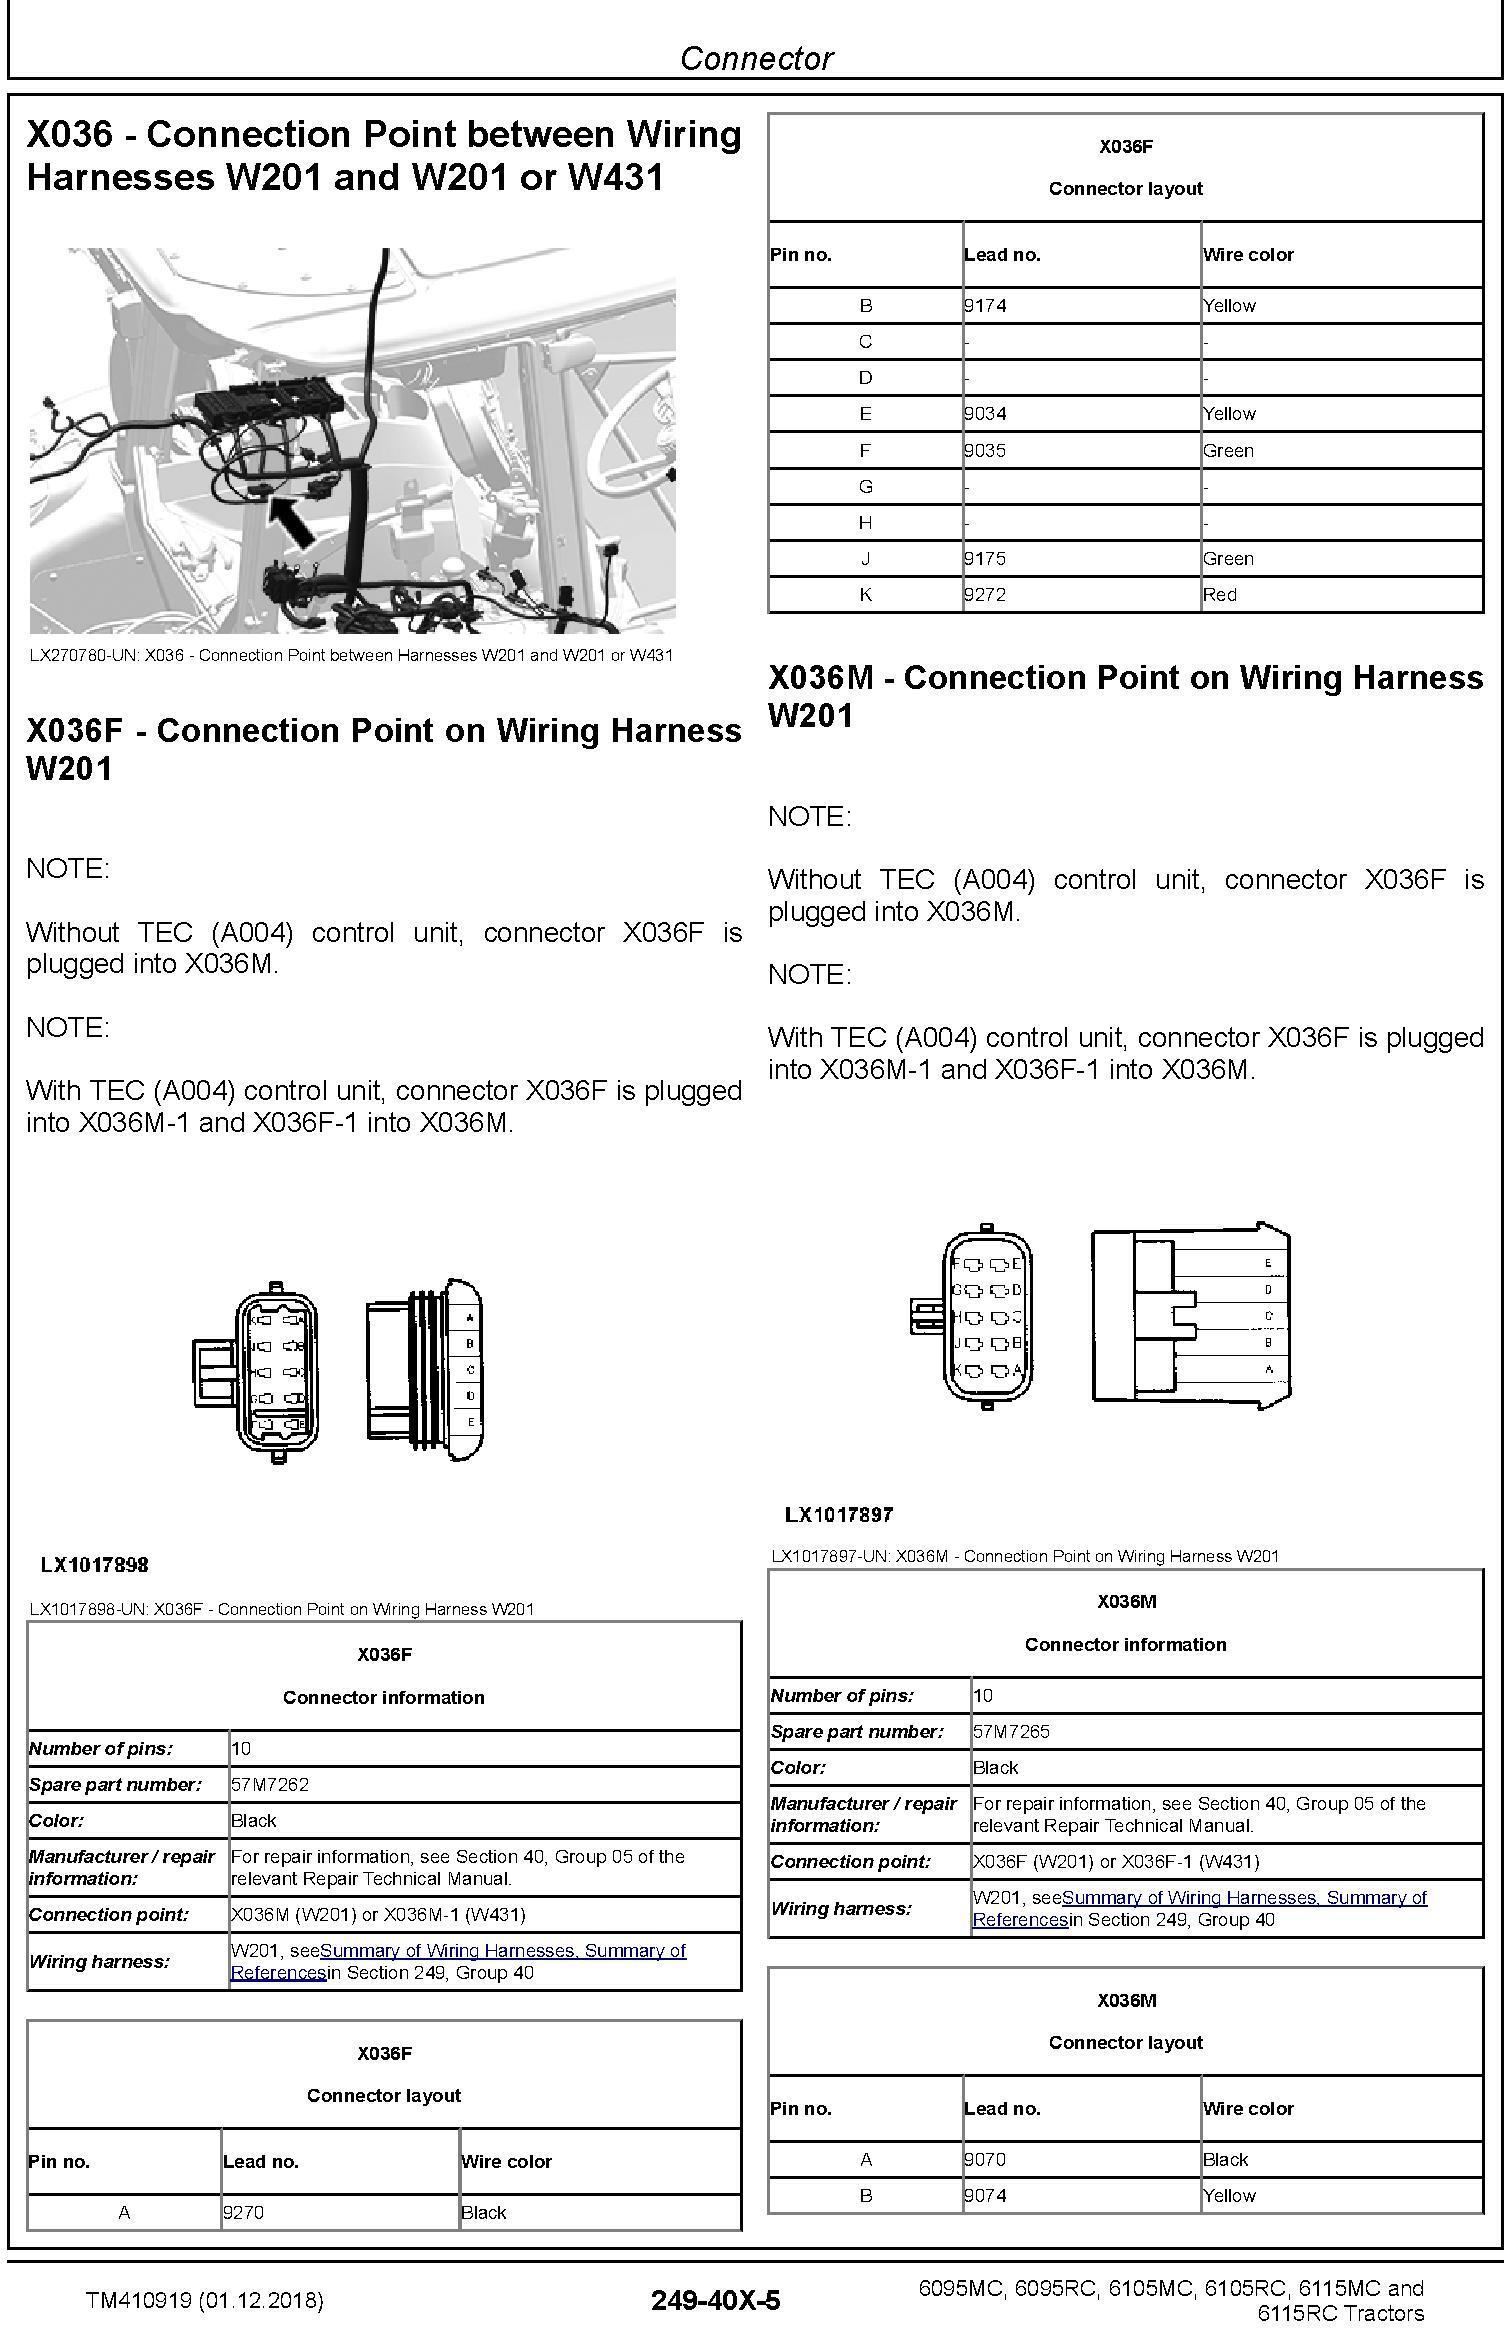 John Deere 6095MC 6095RC 6105MC 6105RC 6115MC 6115RC Tractors Diagnostic Technical Manual (TM410919) - 2